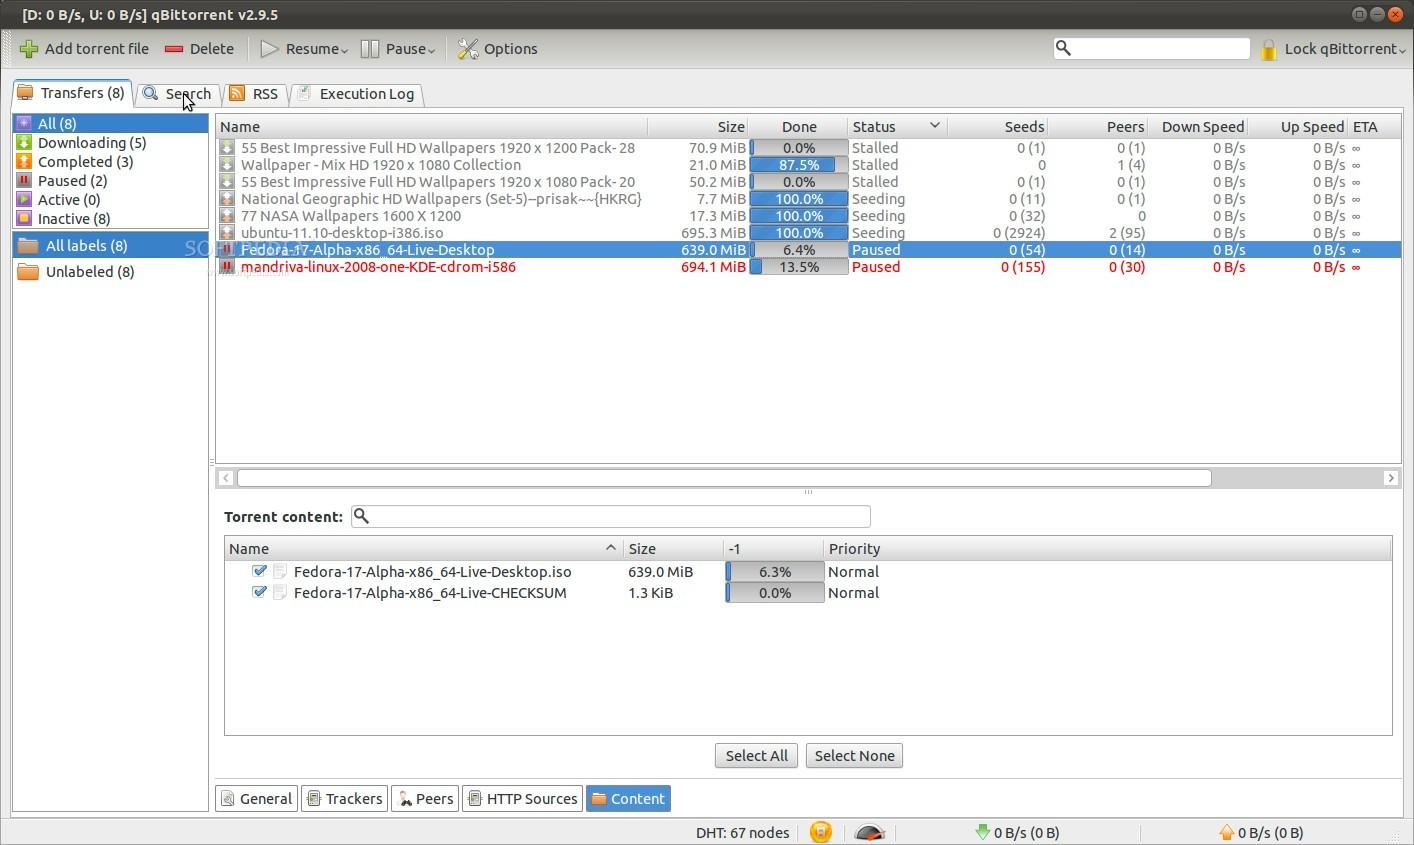 Le client Torrent qBittorrent pour télécharger légalement et illégalement